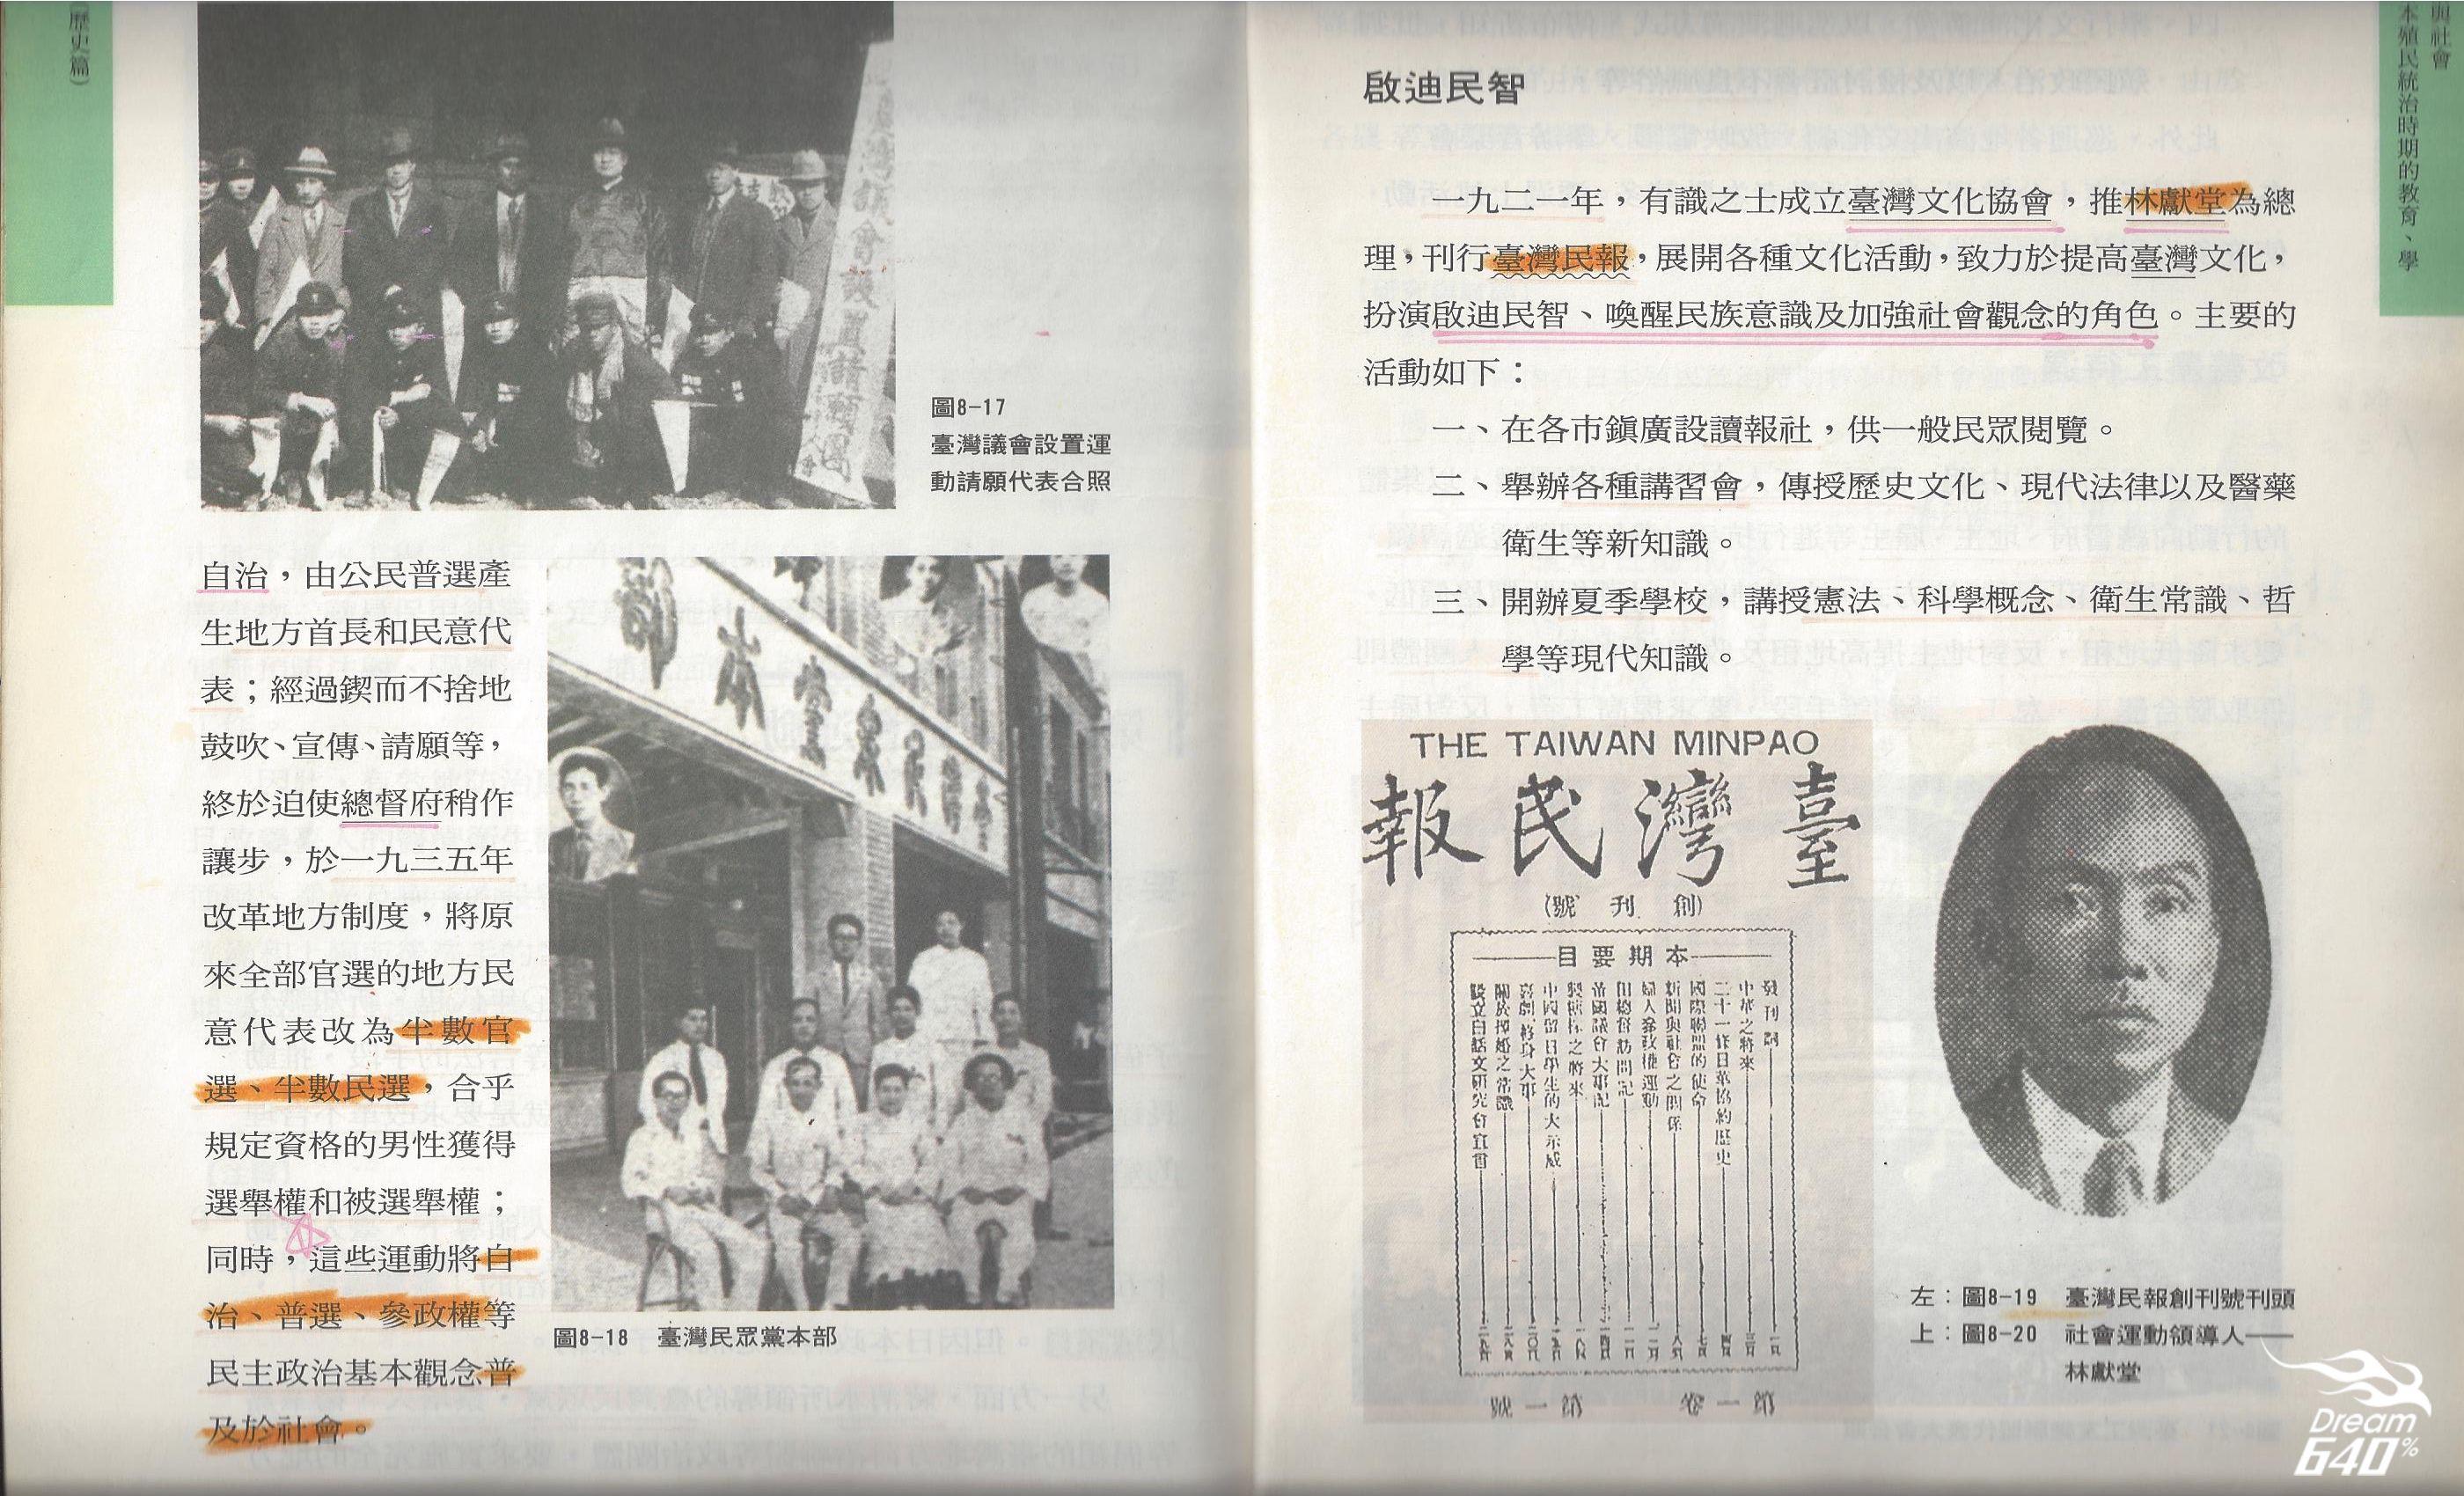 歷史課本-蔣渭水-內頁-2.jpg